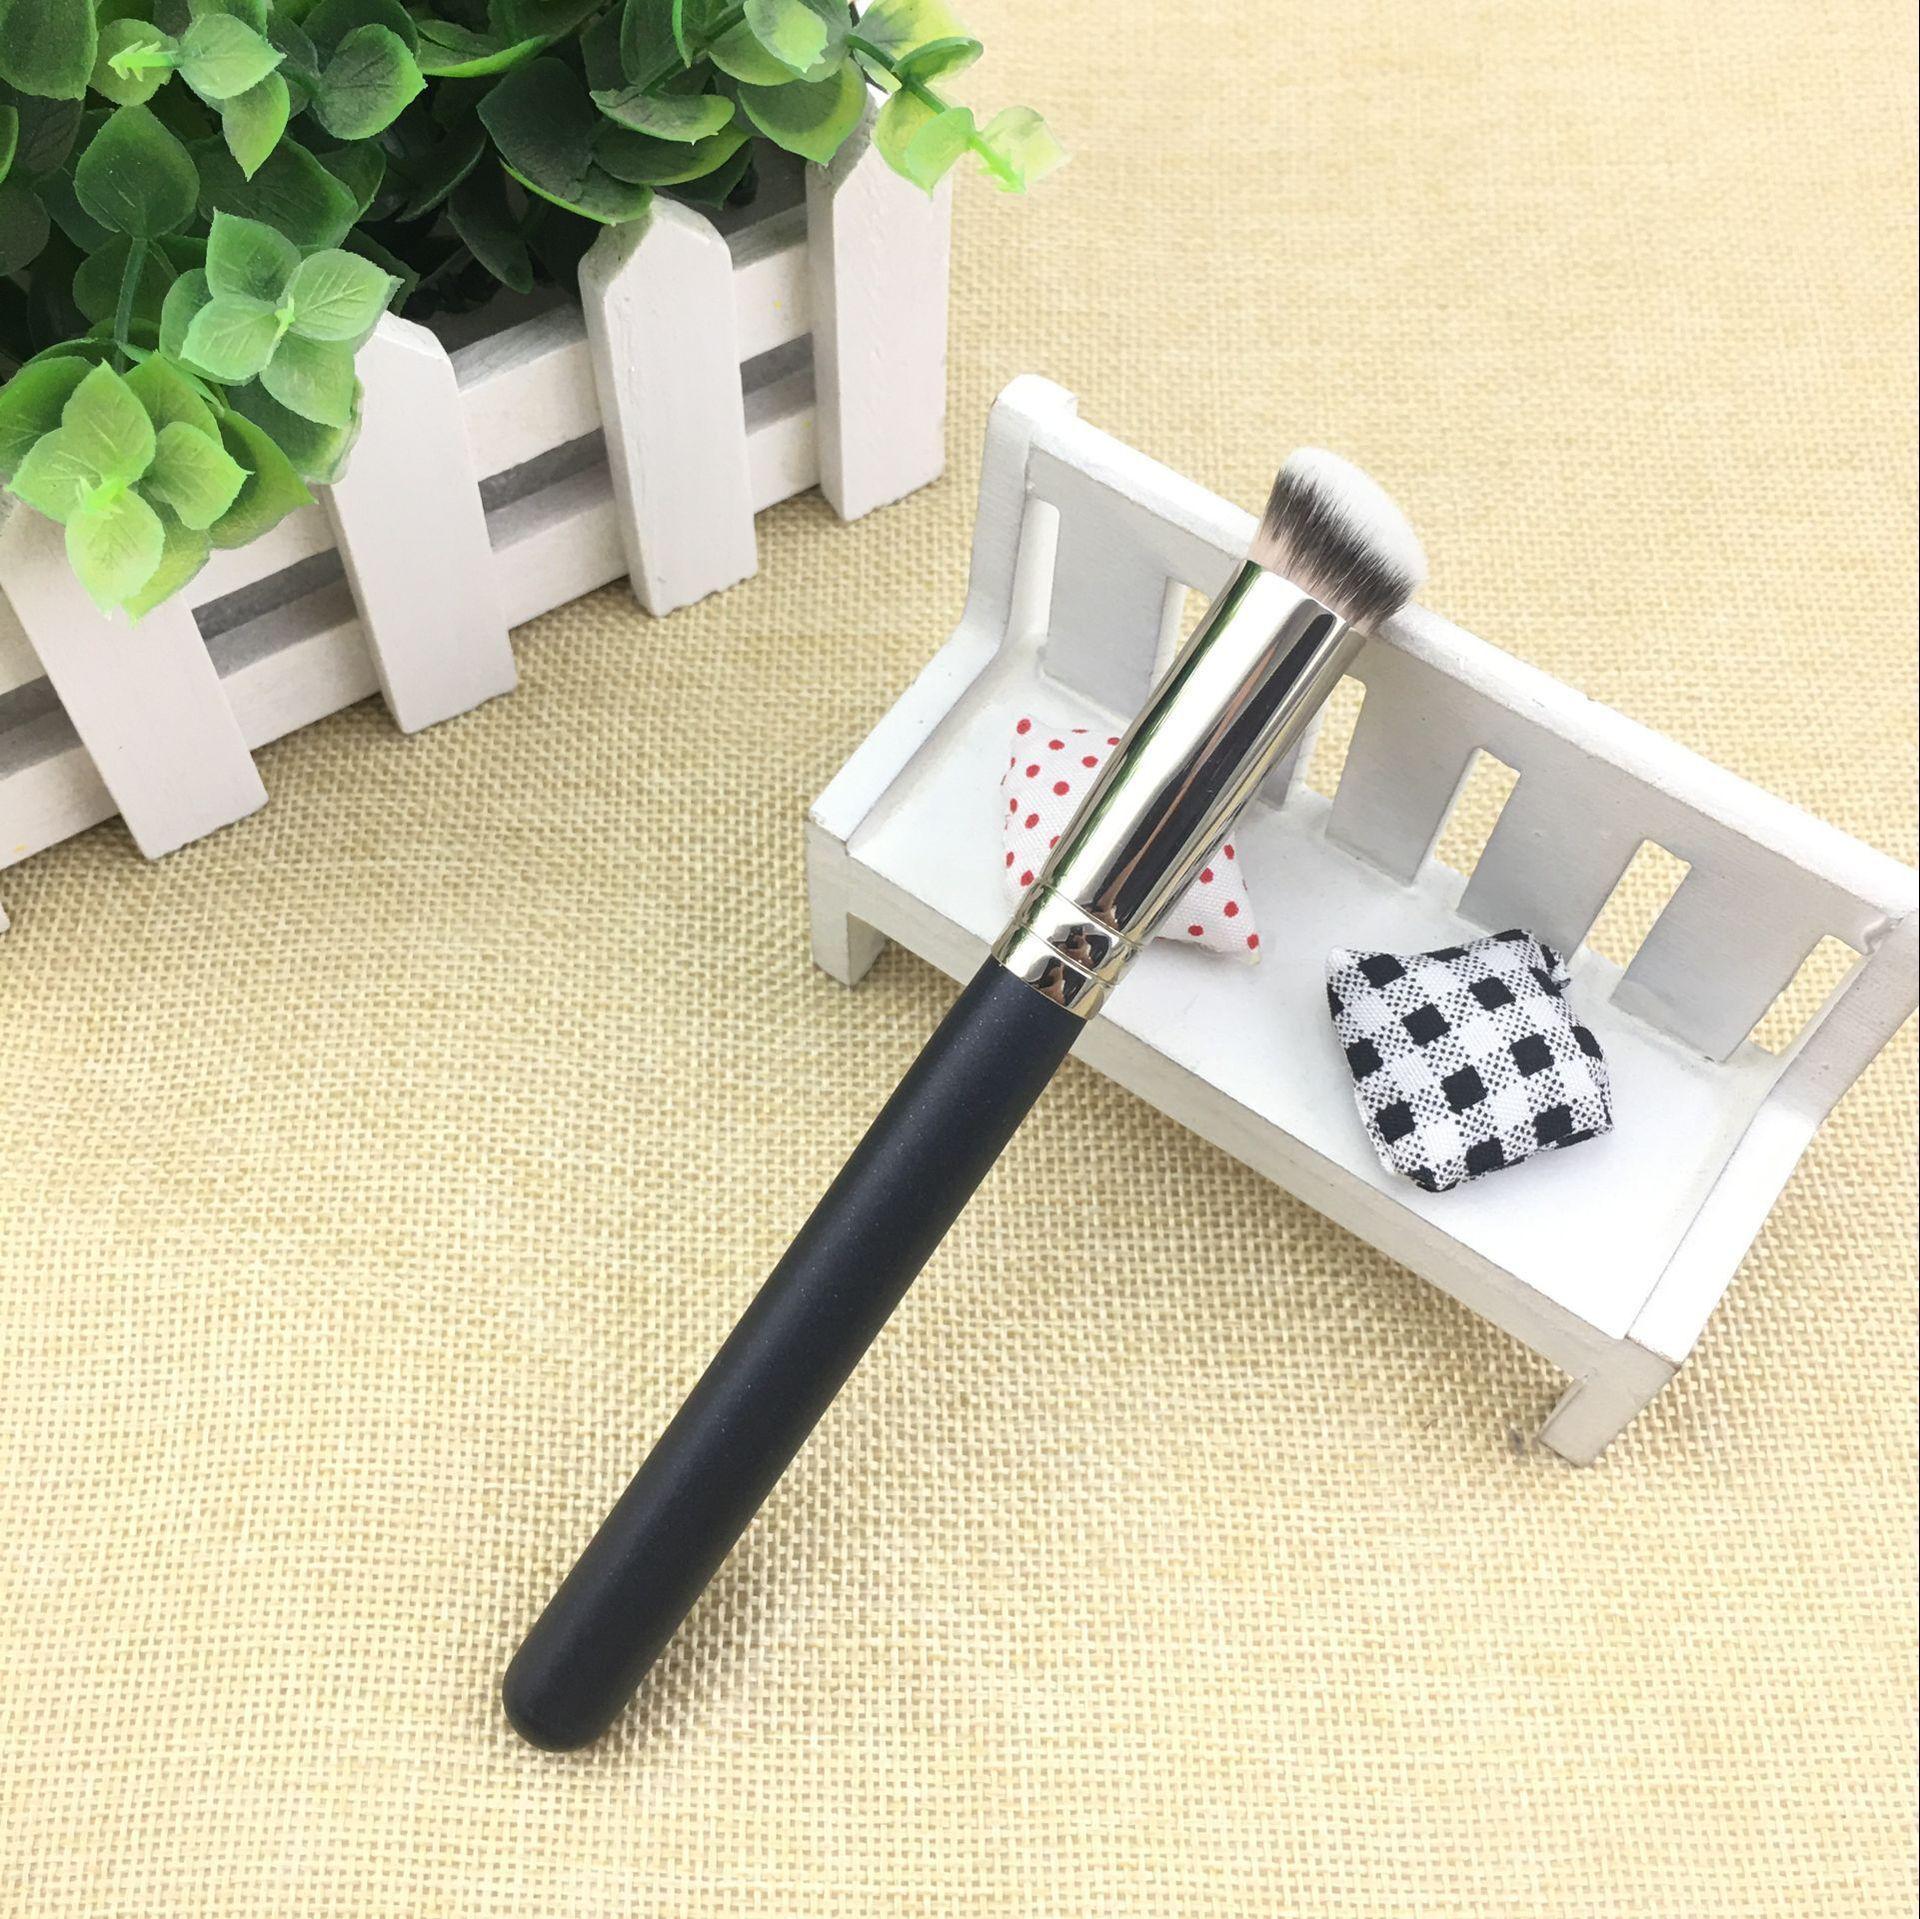 1 шт. угловой консилер кисти для макияжа M270s маленький частичный Жидкий тональный крем макияж кисти Косметические Инструменты Косметика